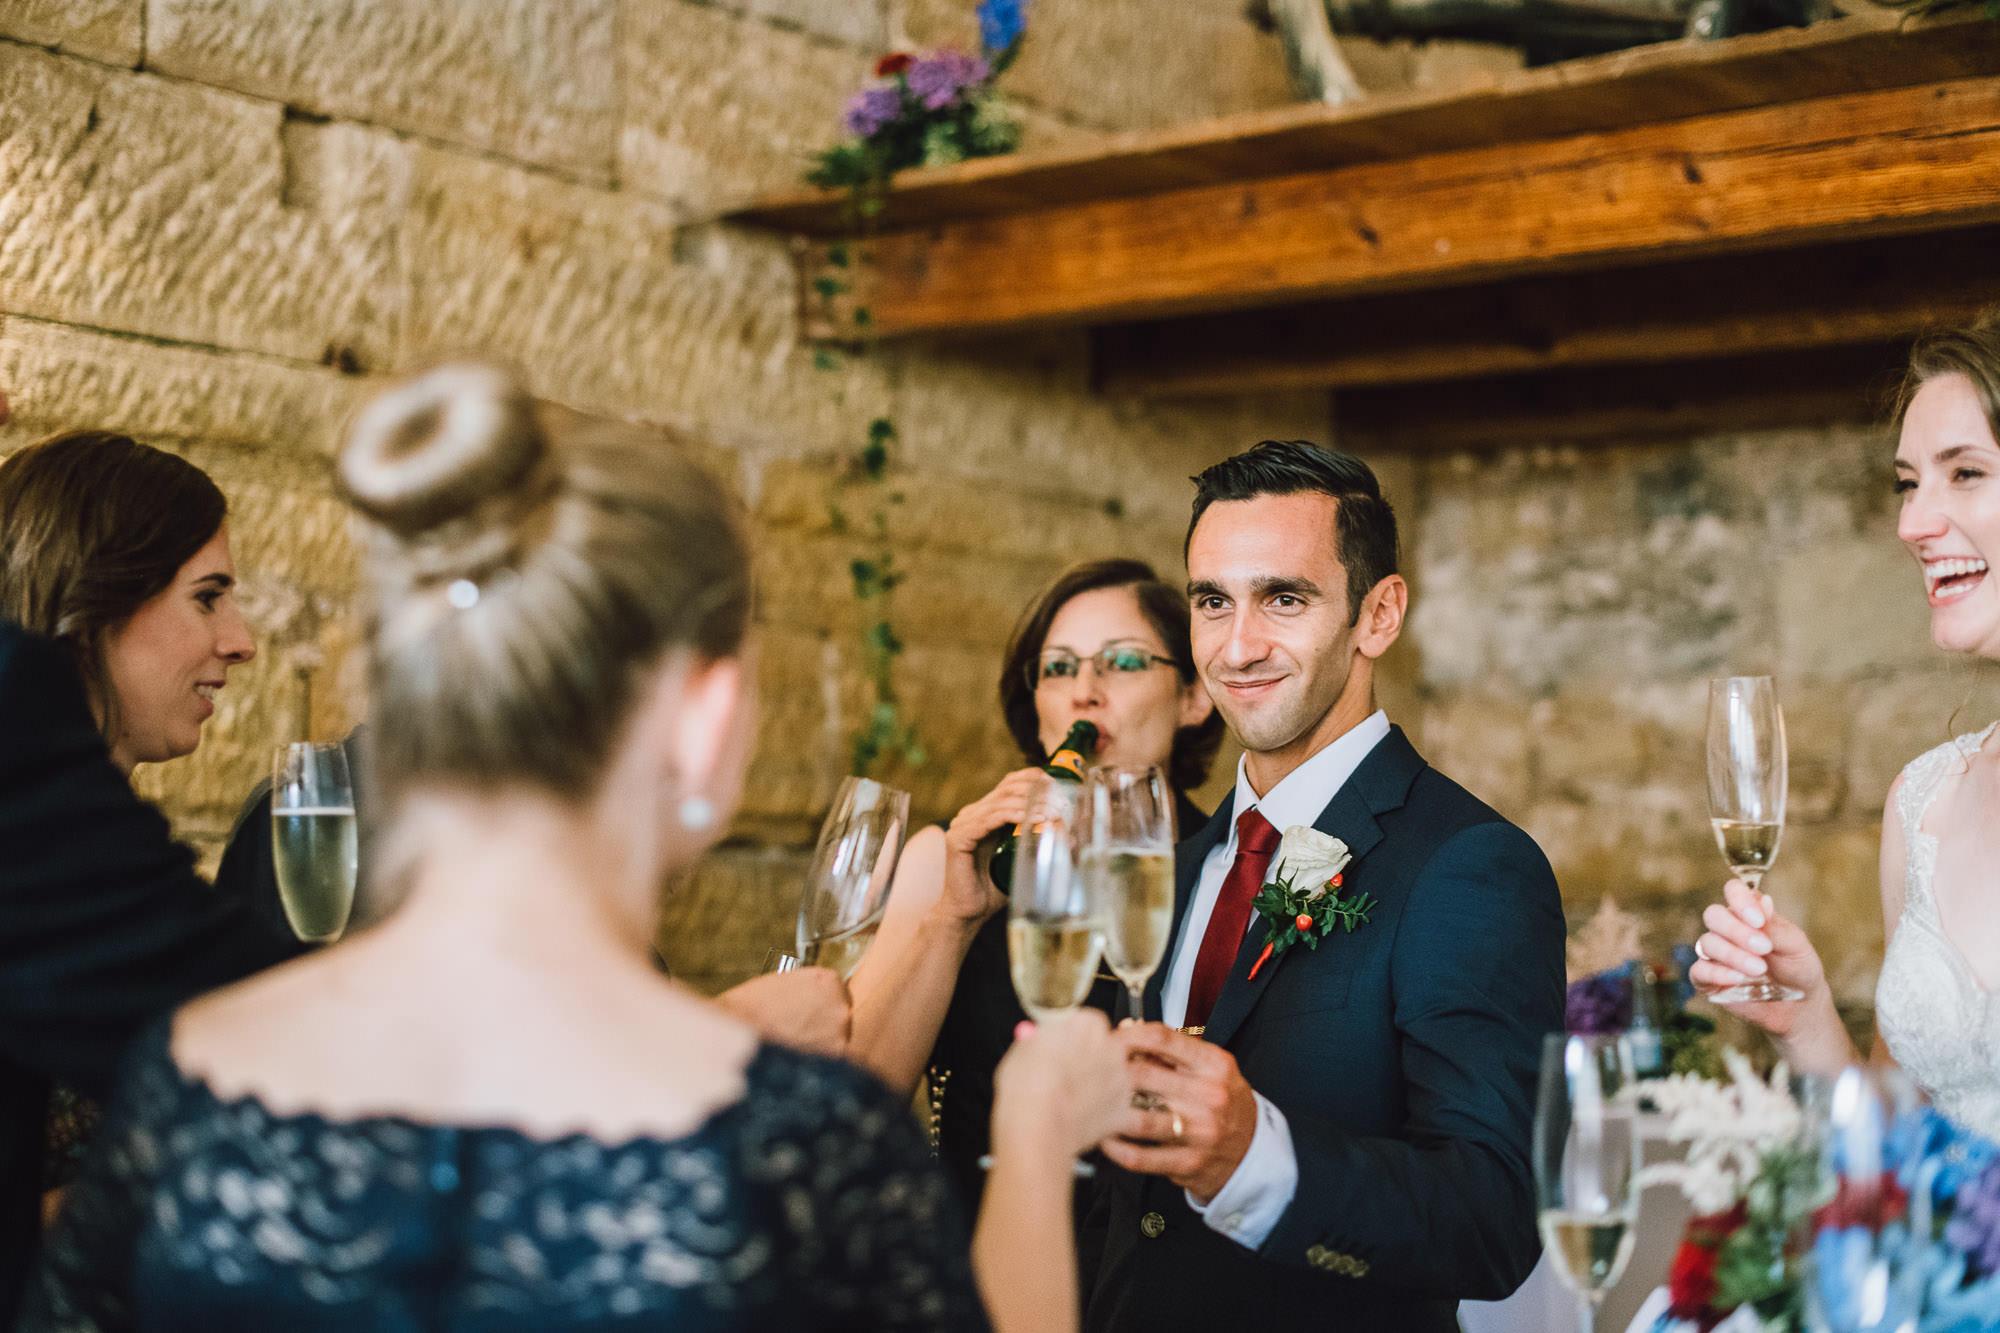 rustic-elegant-wedding-schloss-hochzeit-eyrichshof-franken-bamberg-090